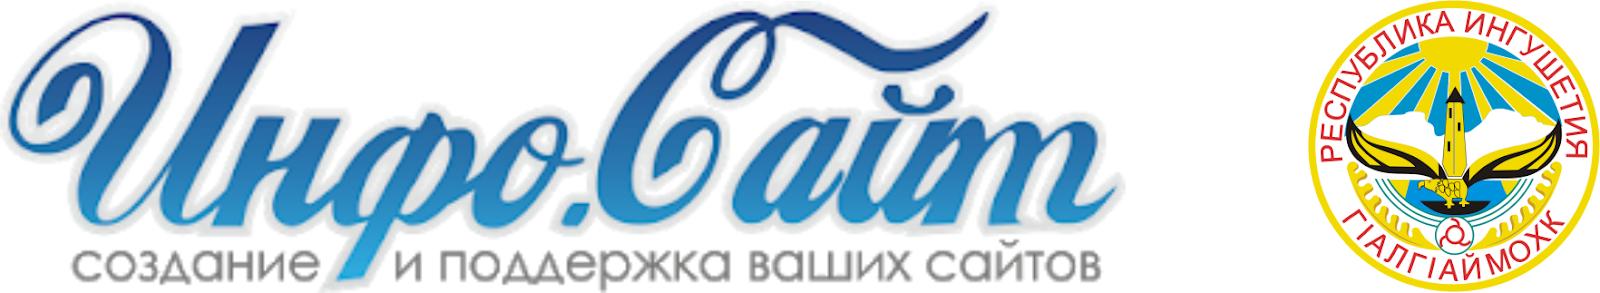 Ингушетия 🌍 Новости : Информационный агрегатор Инфо-Сайт